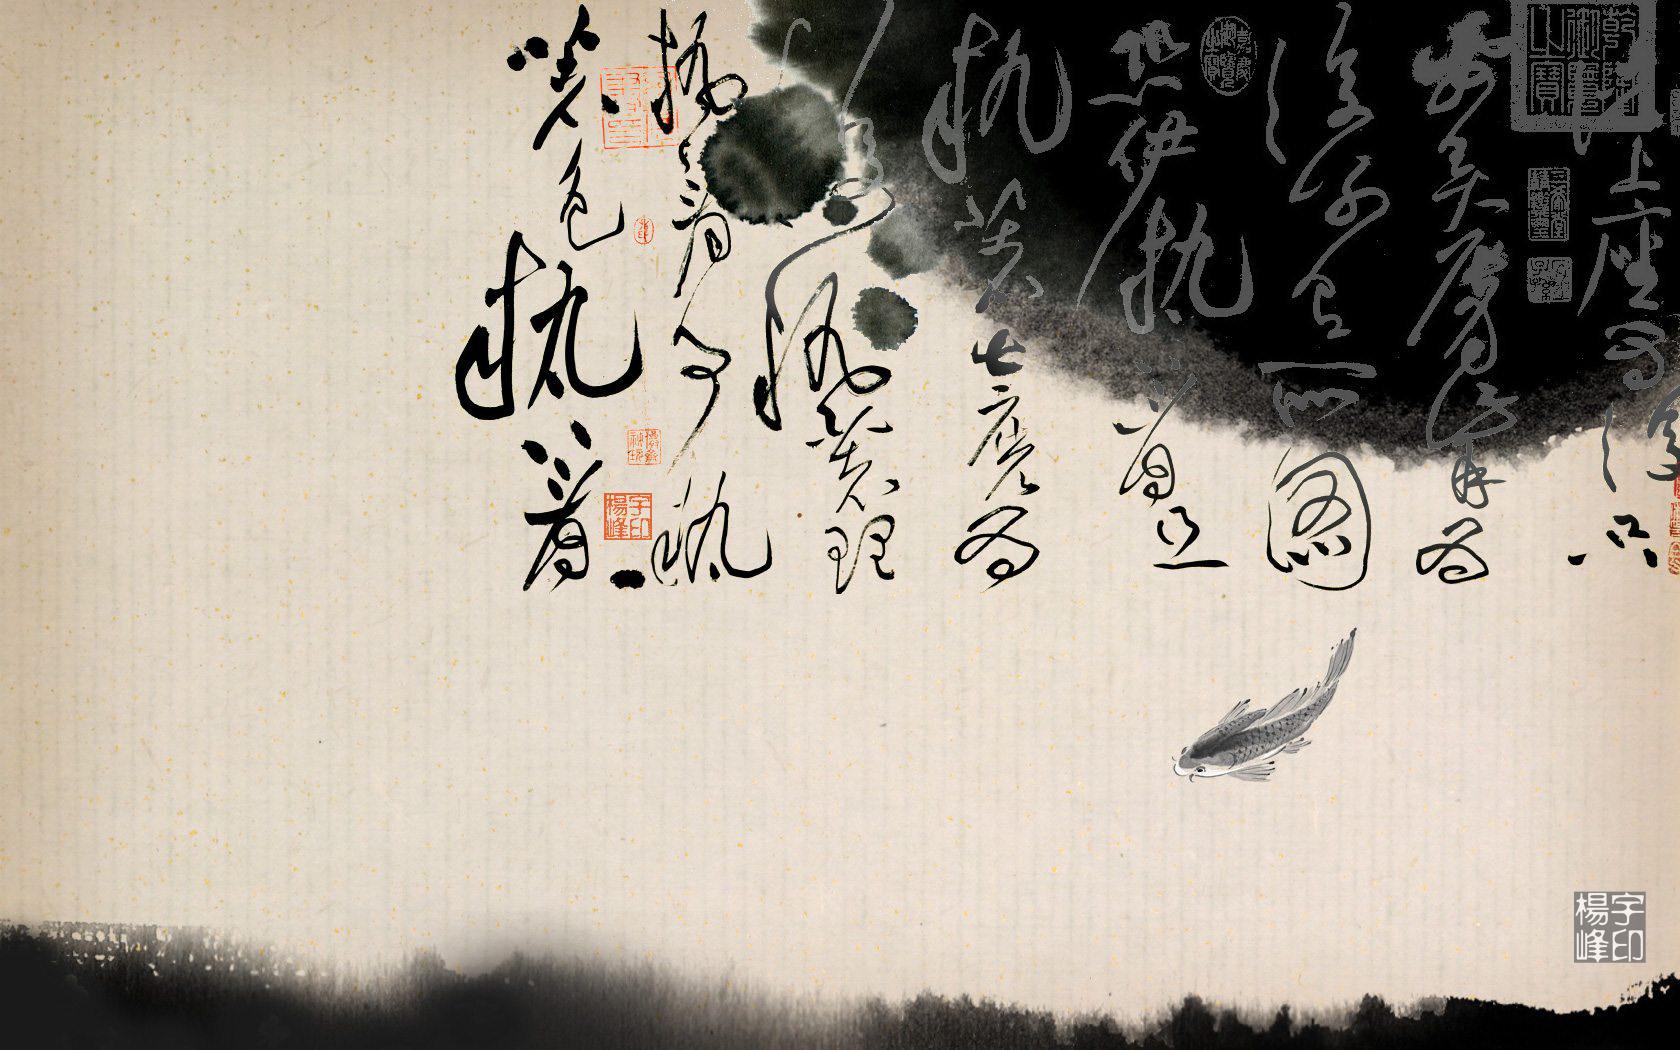 中国风水墨画word素材